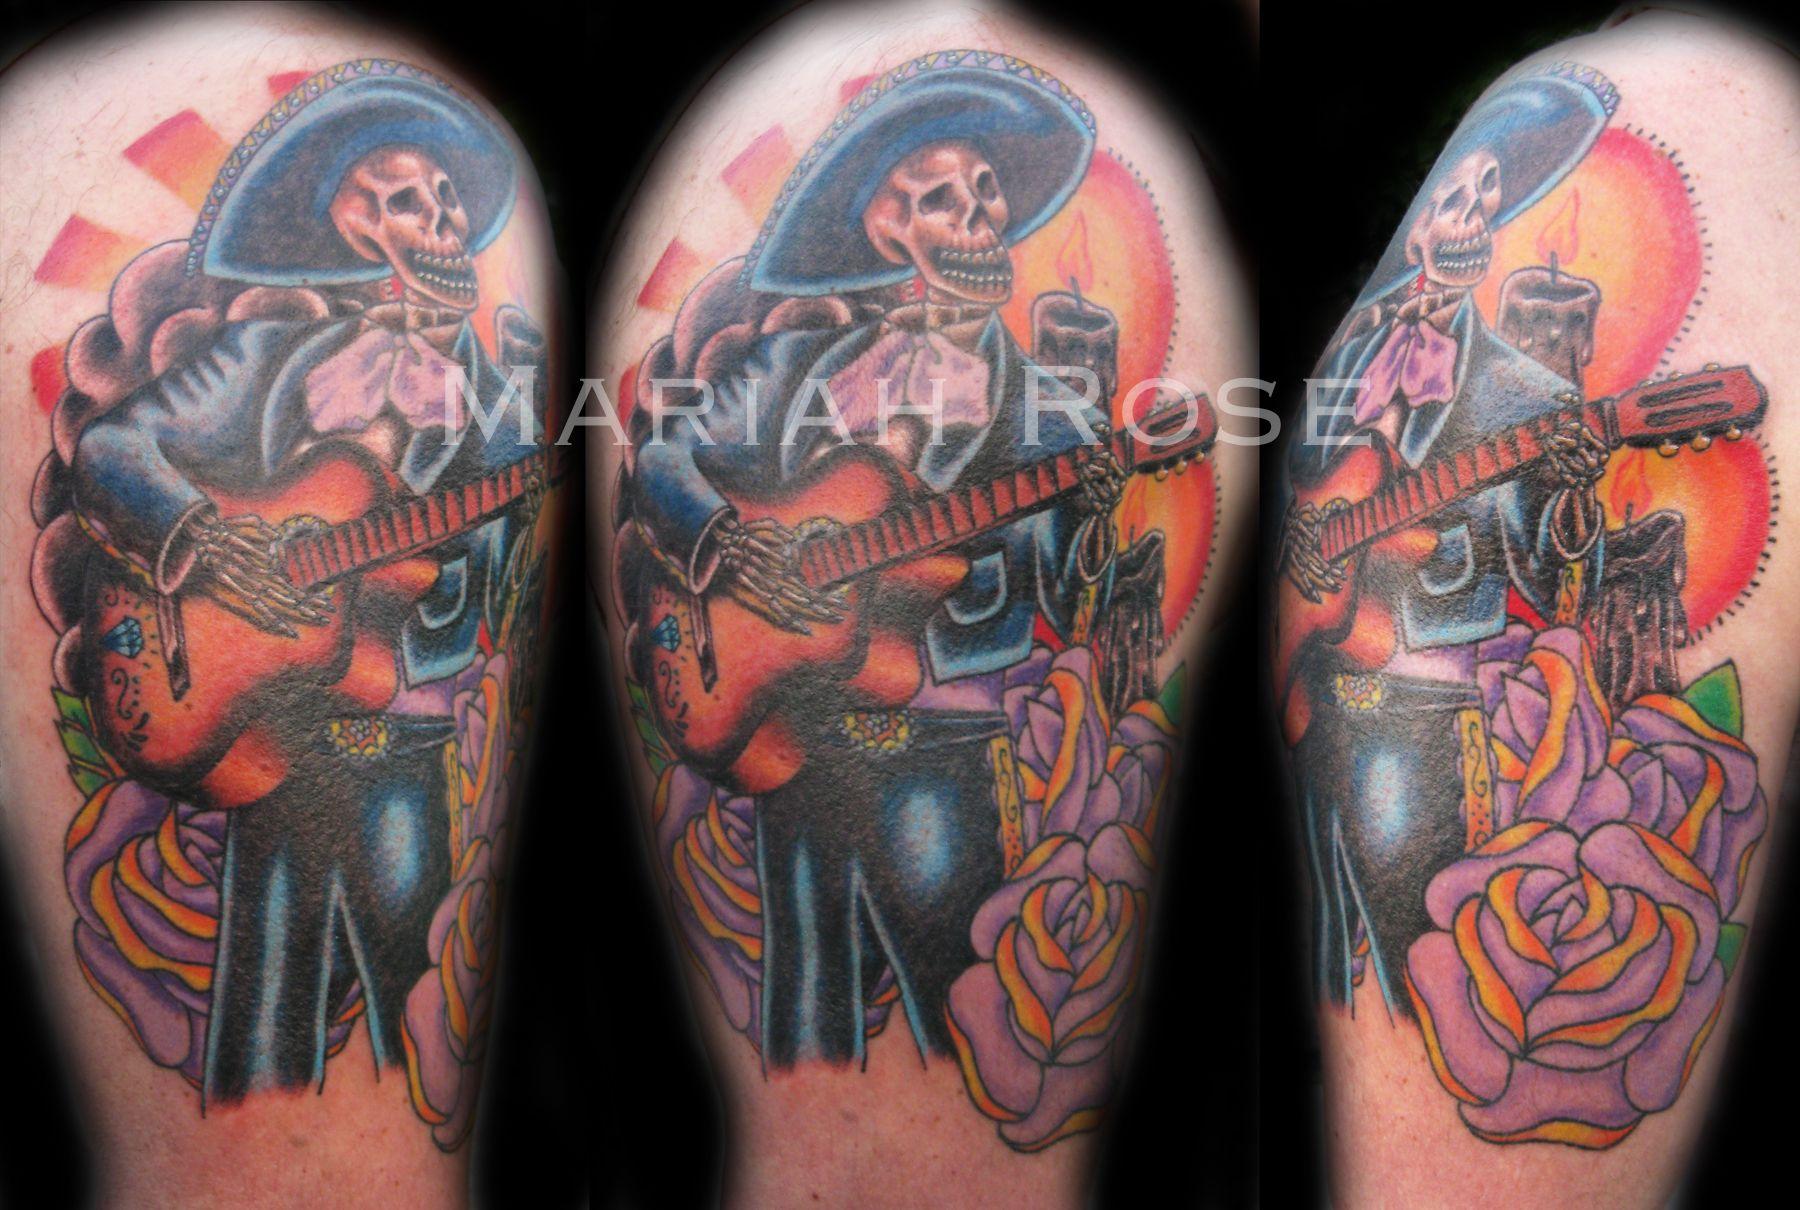 Dia de los muertos mariachi tattoo art tattoos for Dia de muertos tattoos